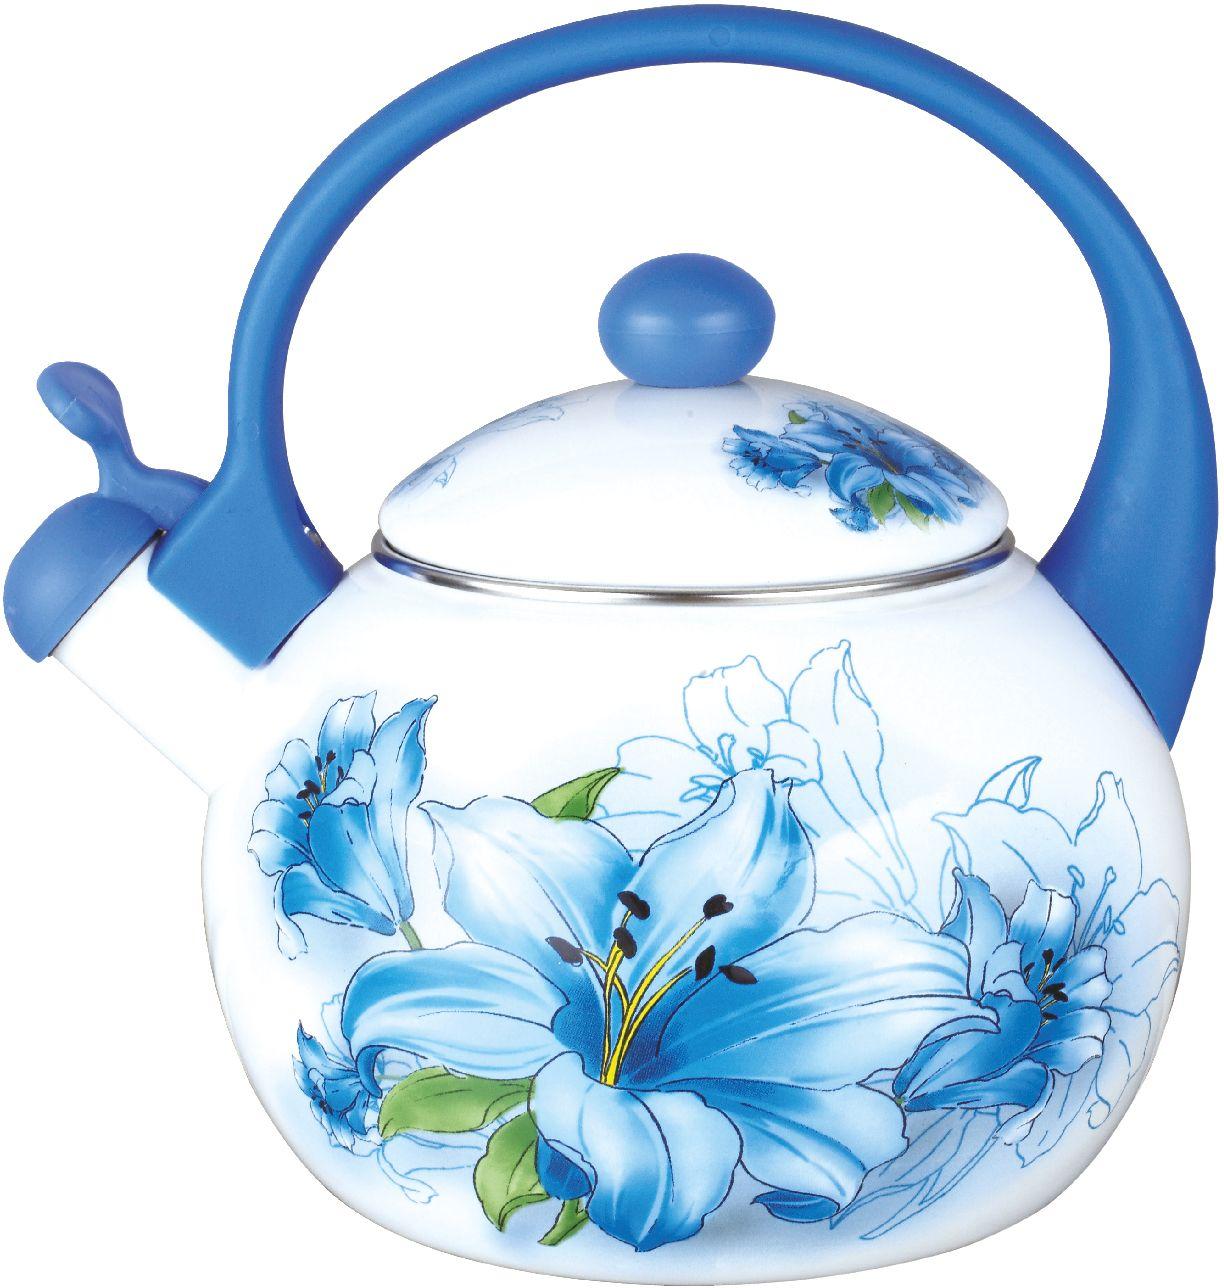 Чайник эмалированный Чудесница, со свистком, 2,5 л. ЭЧ-2511 чайники для плиты vetta чайник эмалированный